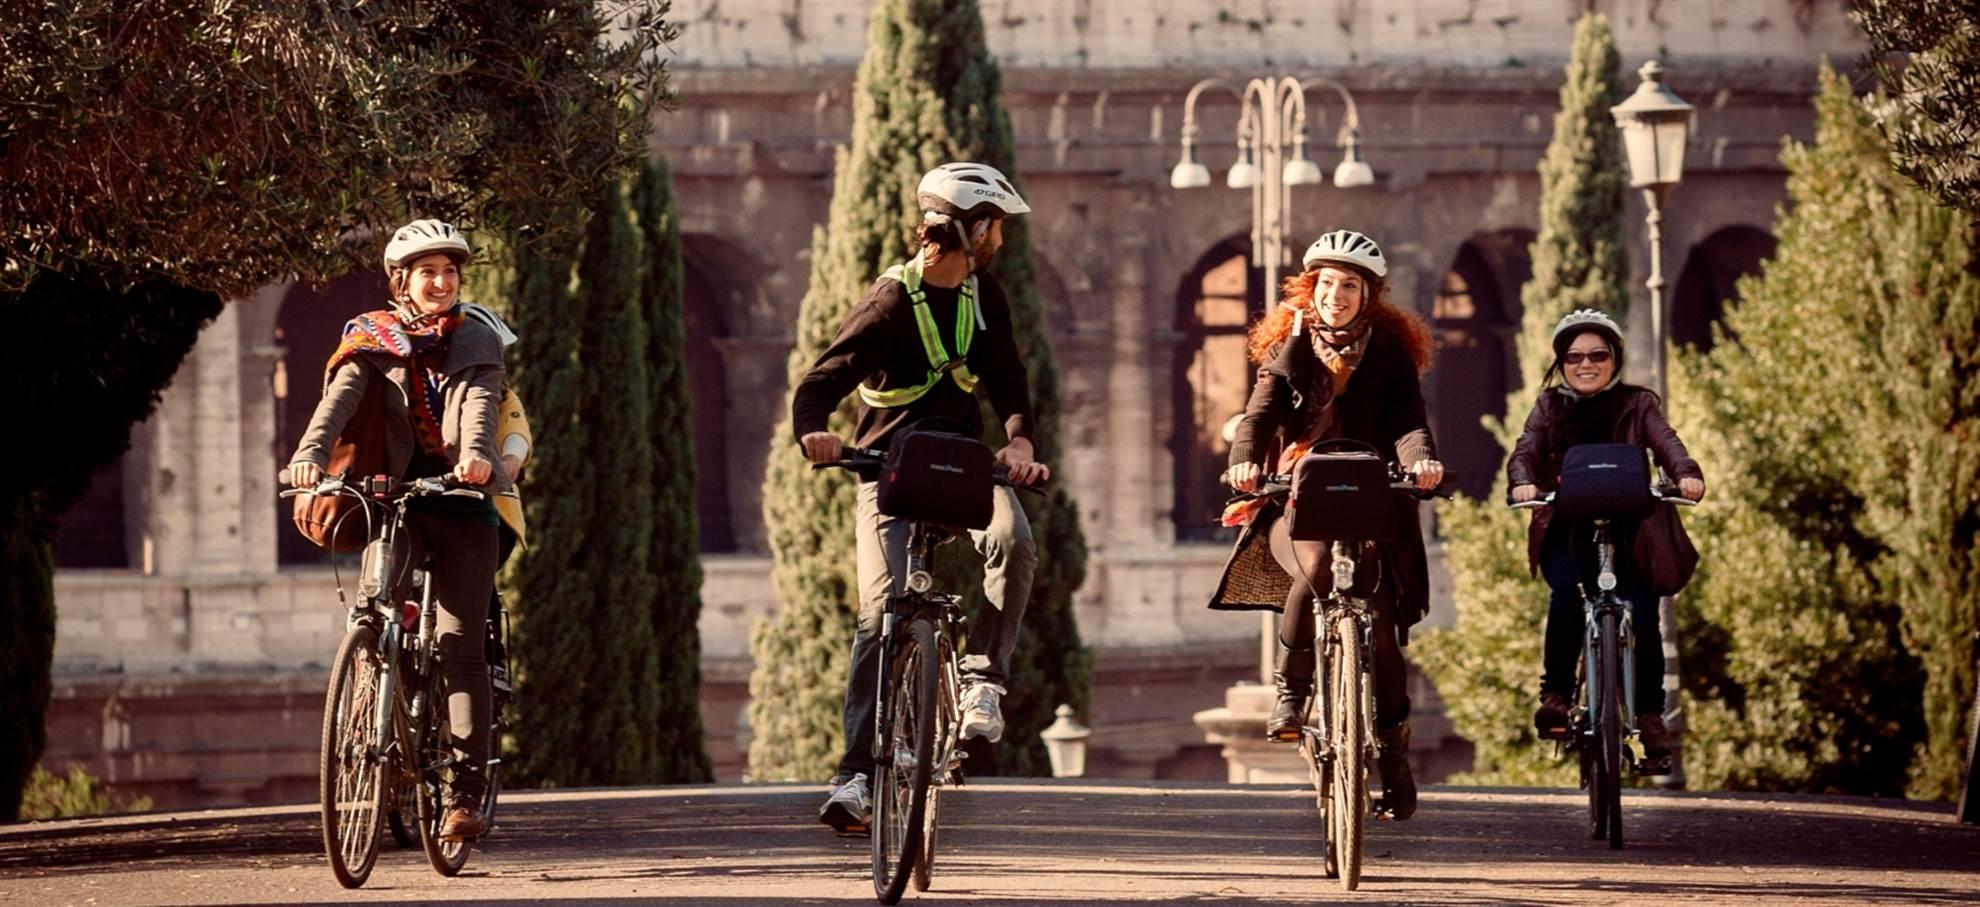 Tour du Centre-ville historique (Guide français)